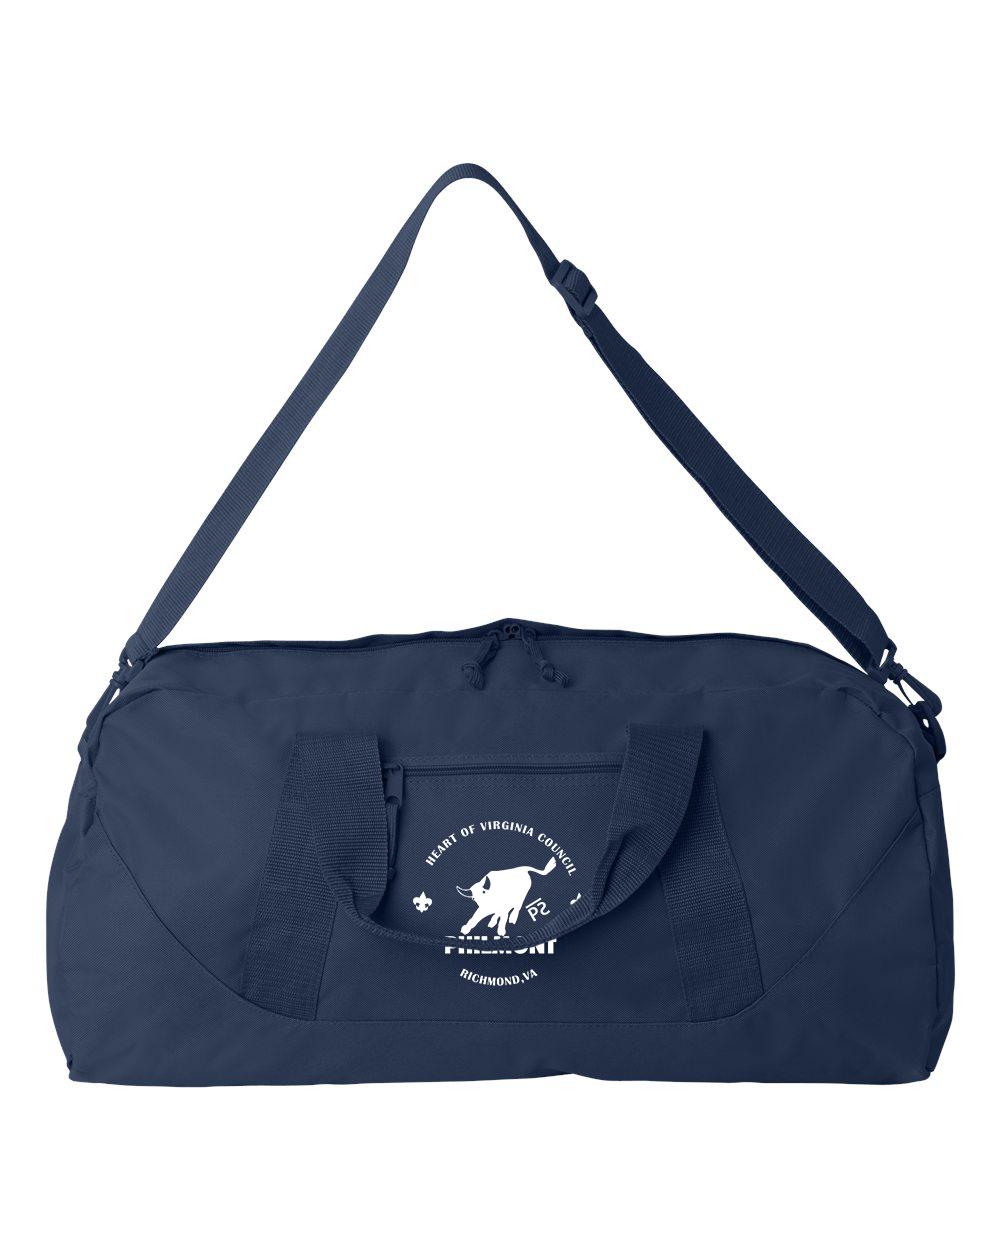 custom design of Liberty Bags Large Square Duffel 8806